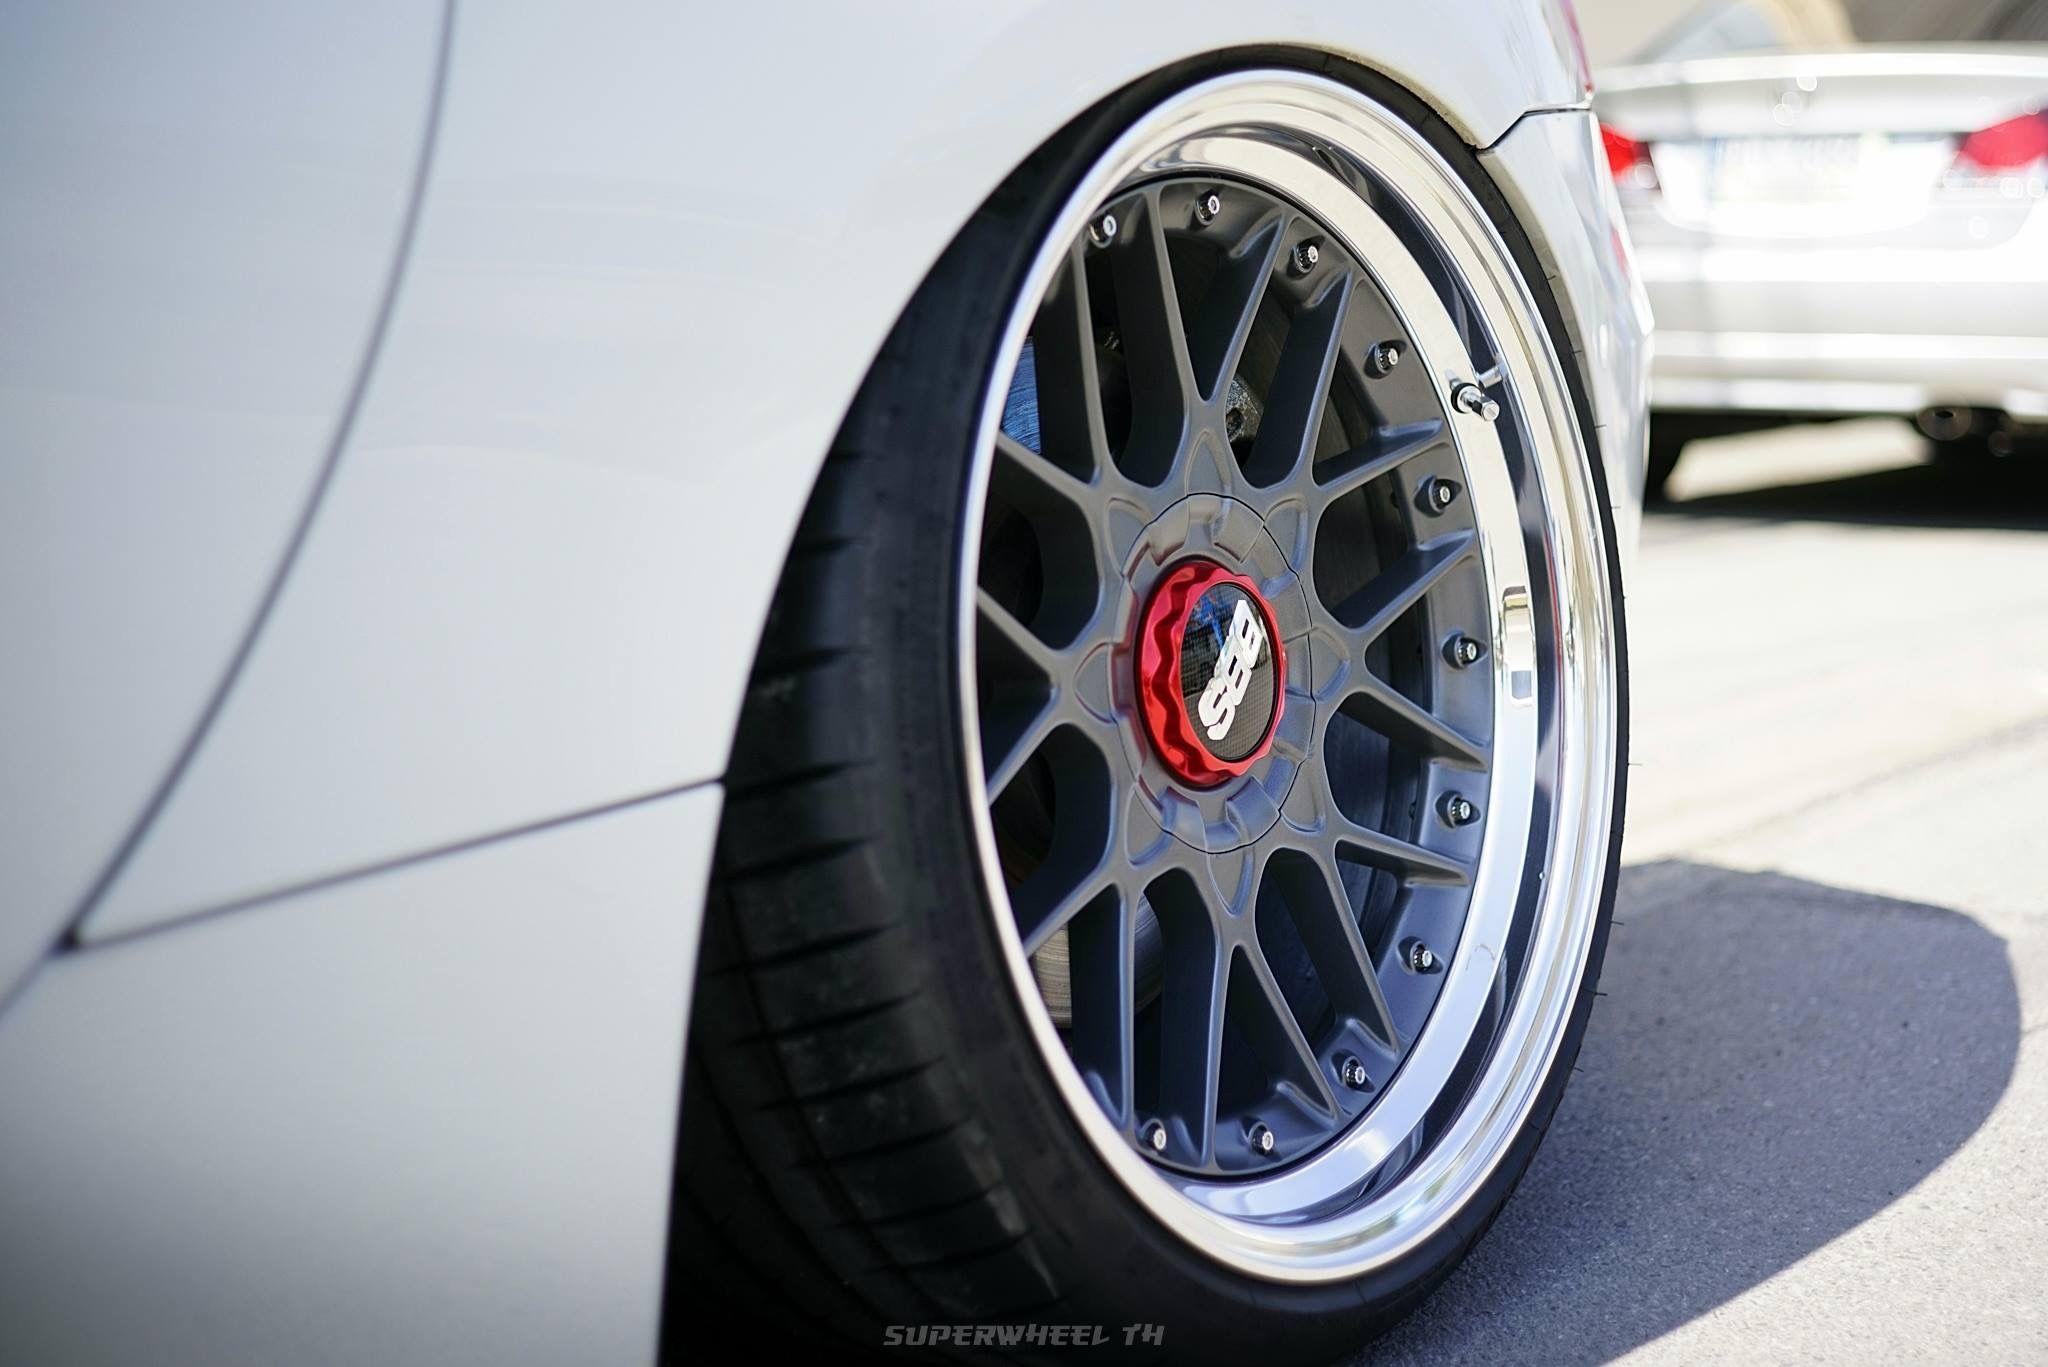 Pin On Bbs Wheel